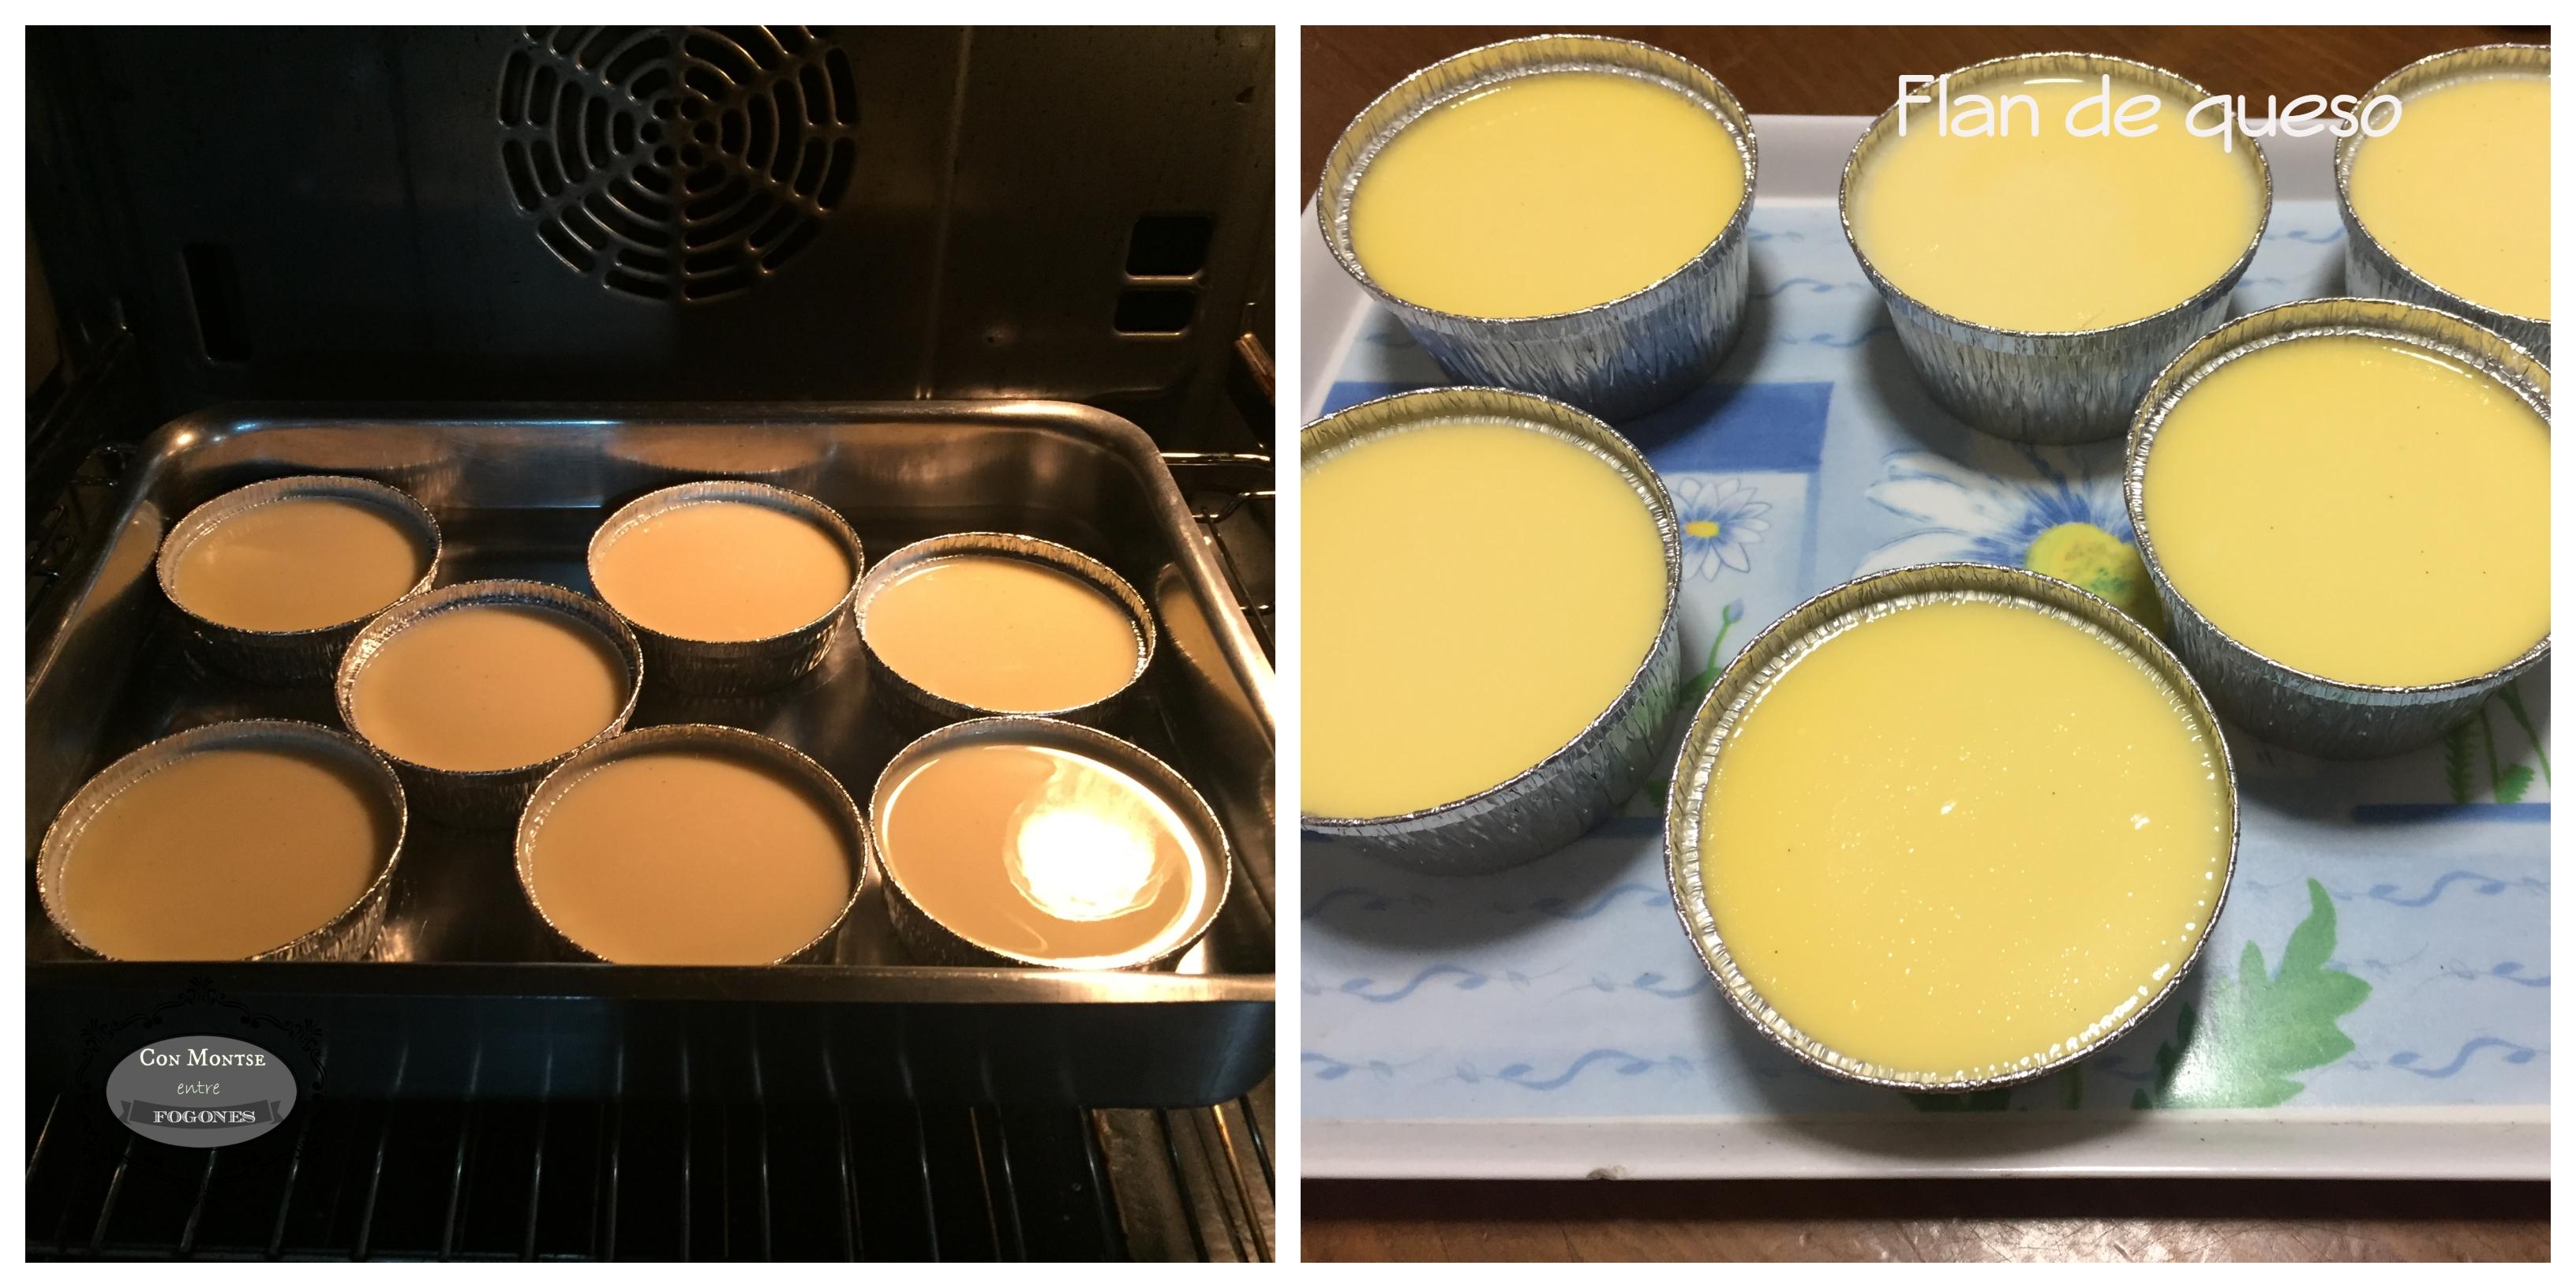 Flan de queso 1 (5)